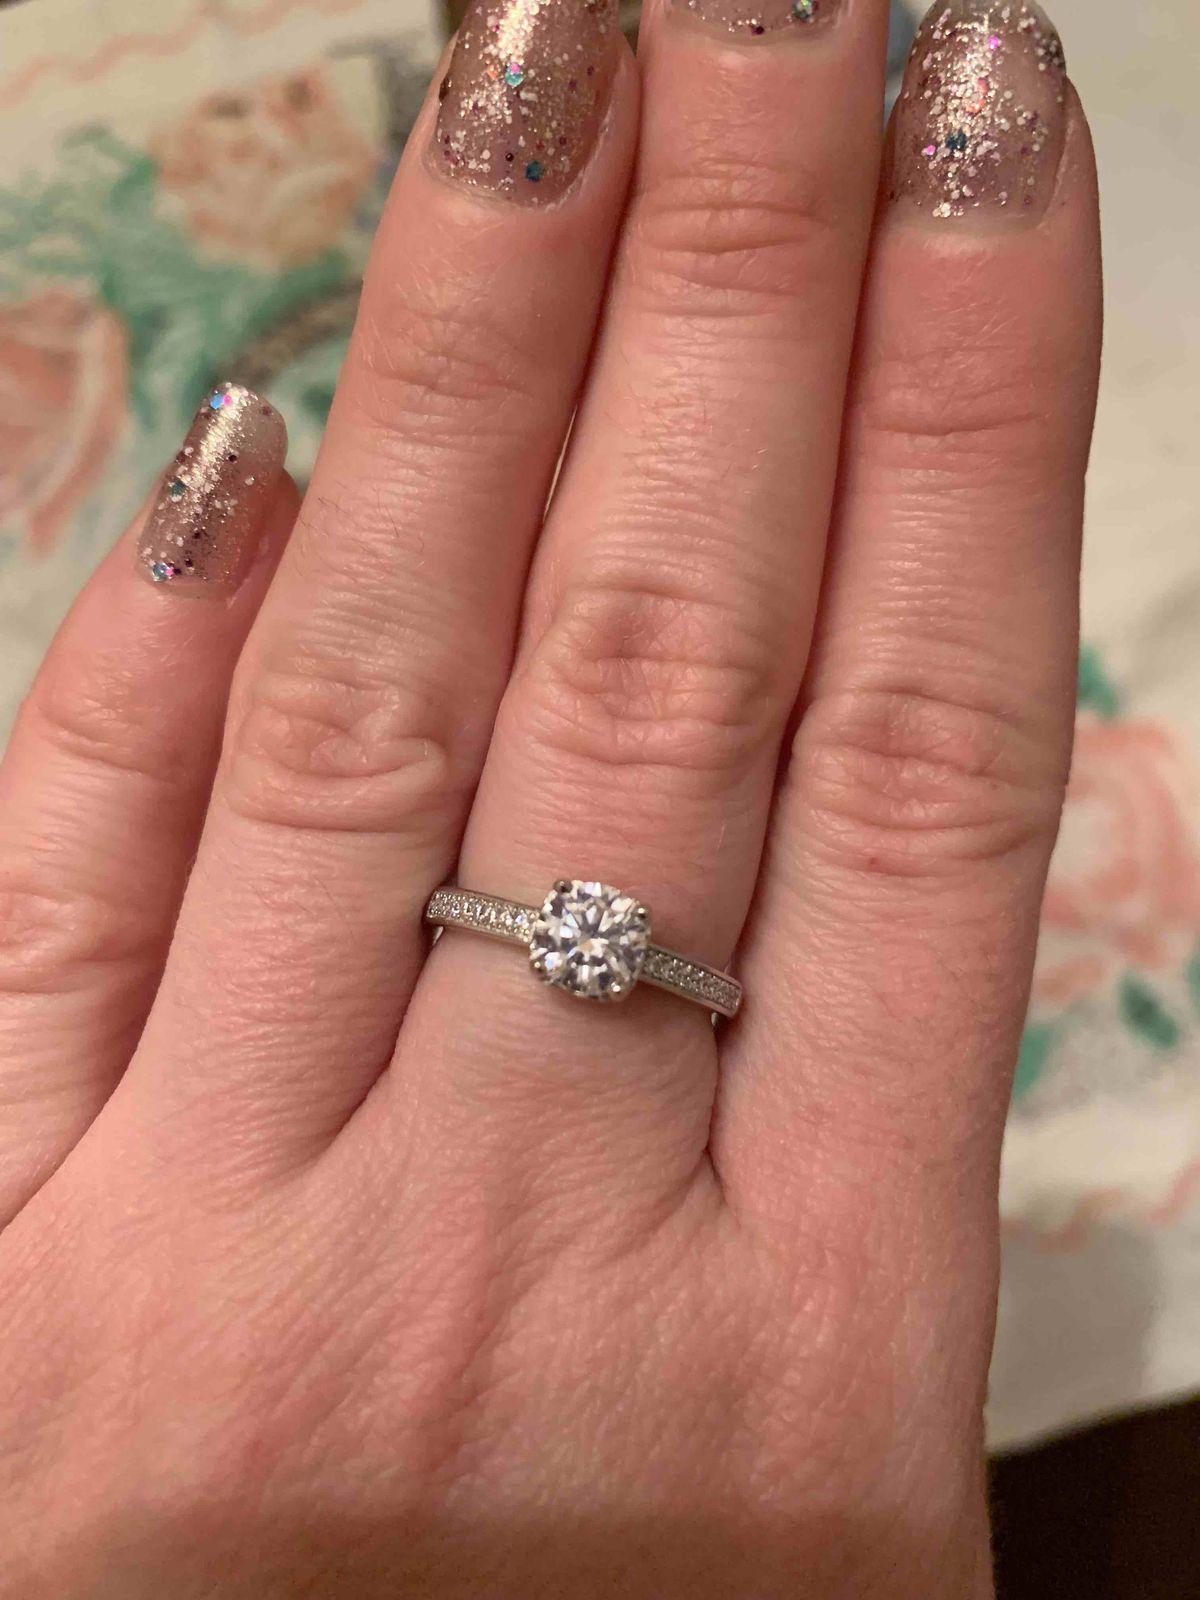 Очень милое кольцо)